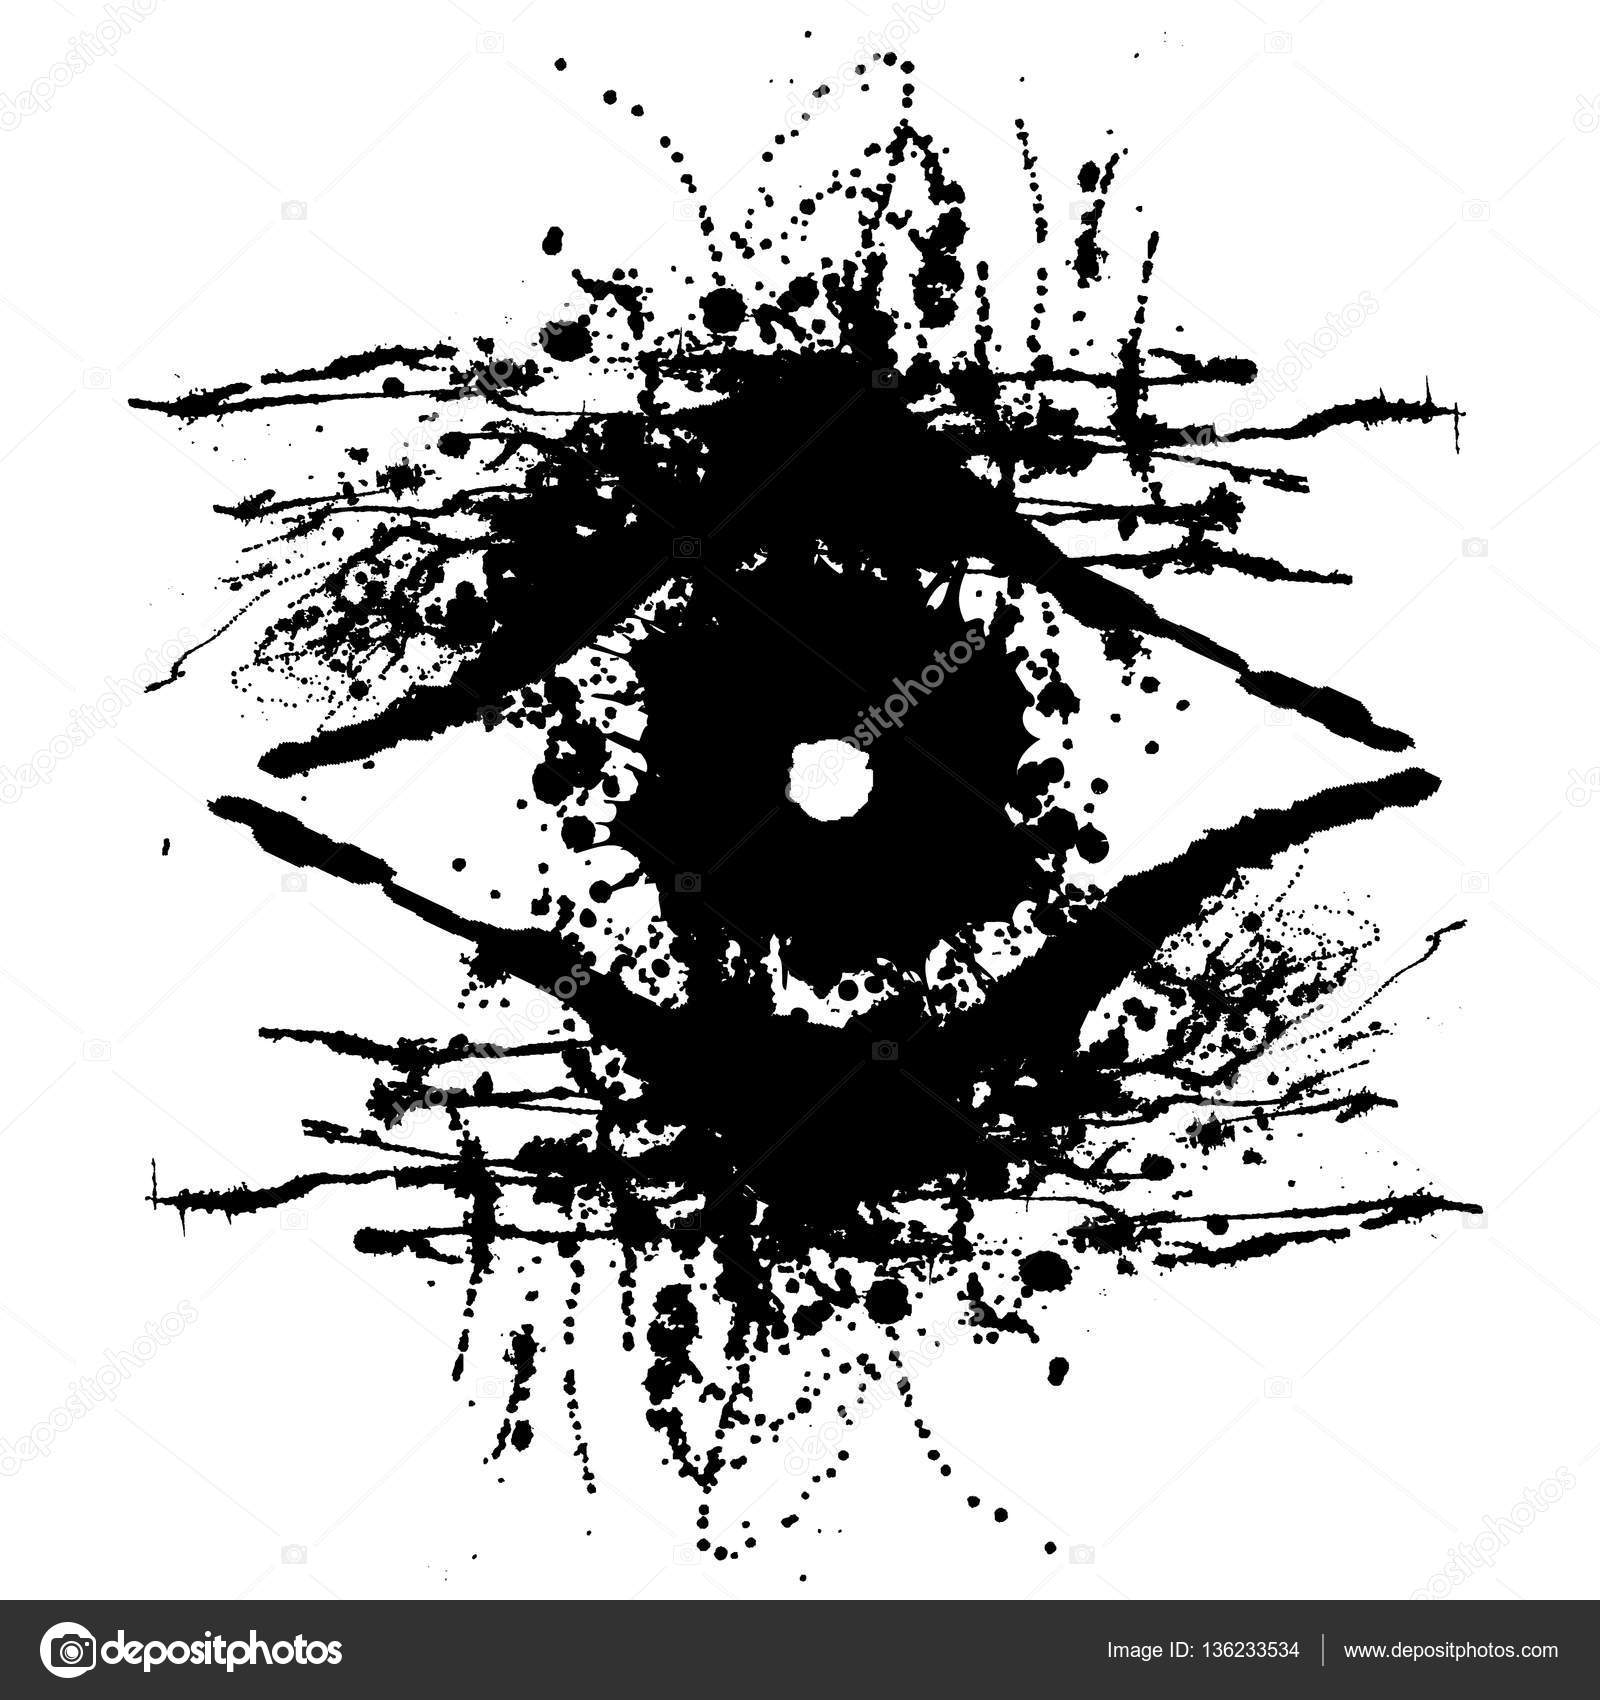 芸術的な描き下ろしイラスト ストックベクター Jeveeart 136233534